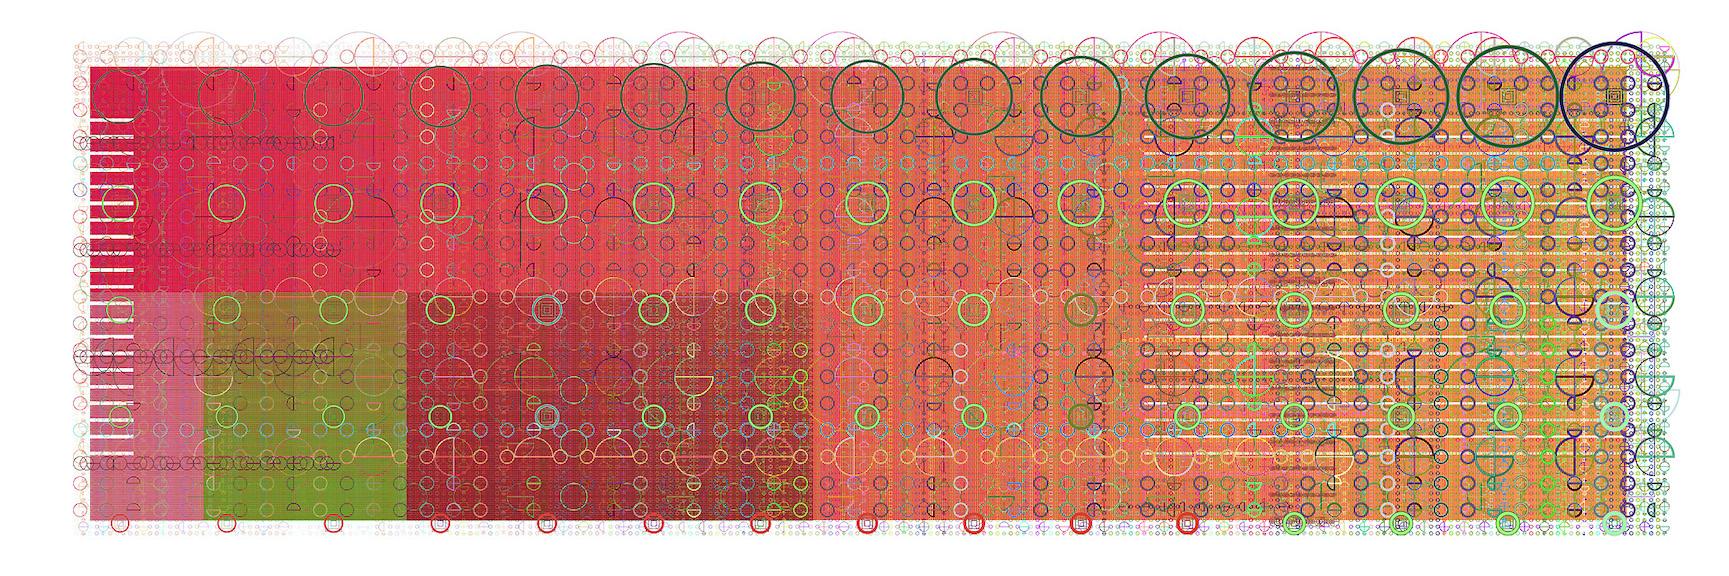 Mark Wilson, e5313, haltbarer Inkjetprint auf Hadernpapier, 23 x 61 cm, Edition von 5, signiert und datiert, 2008